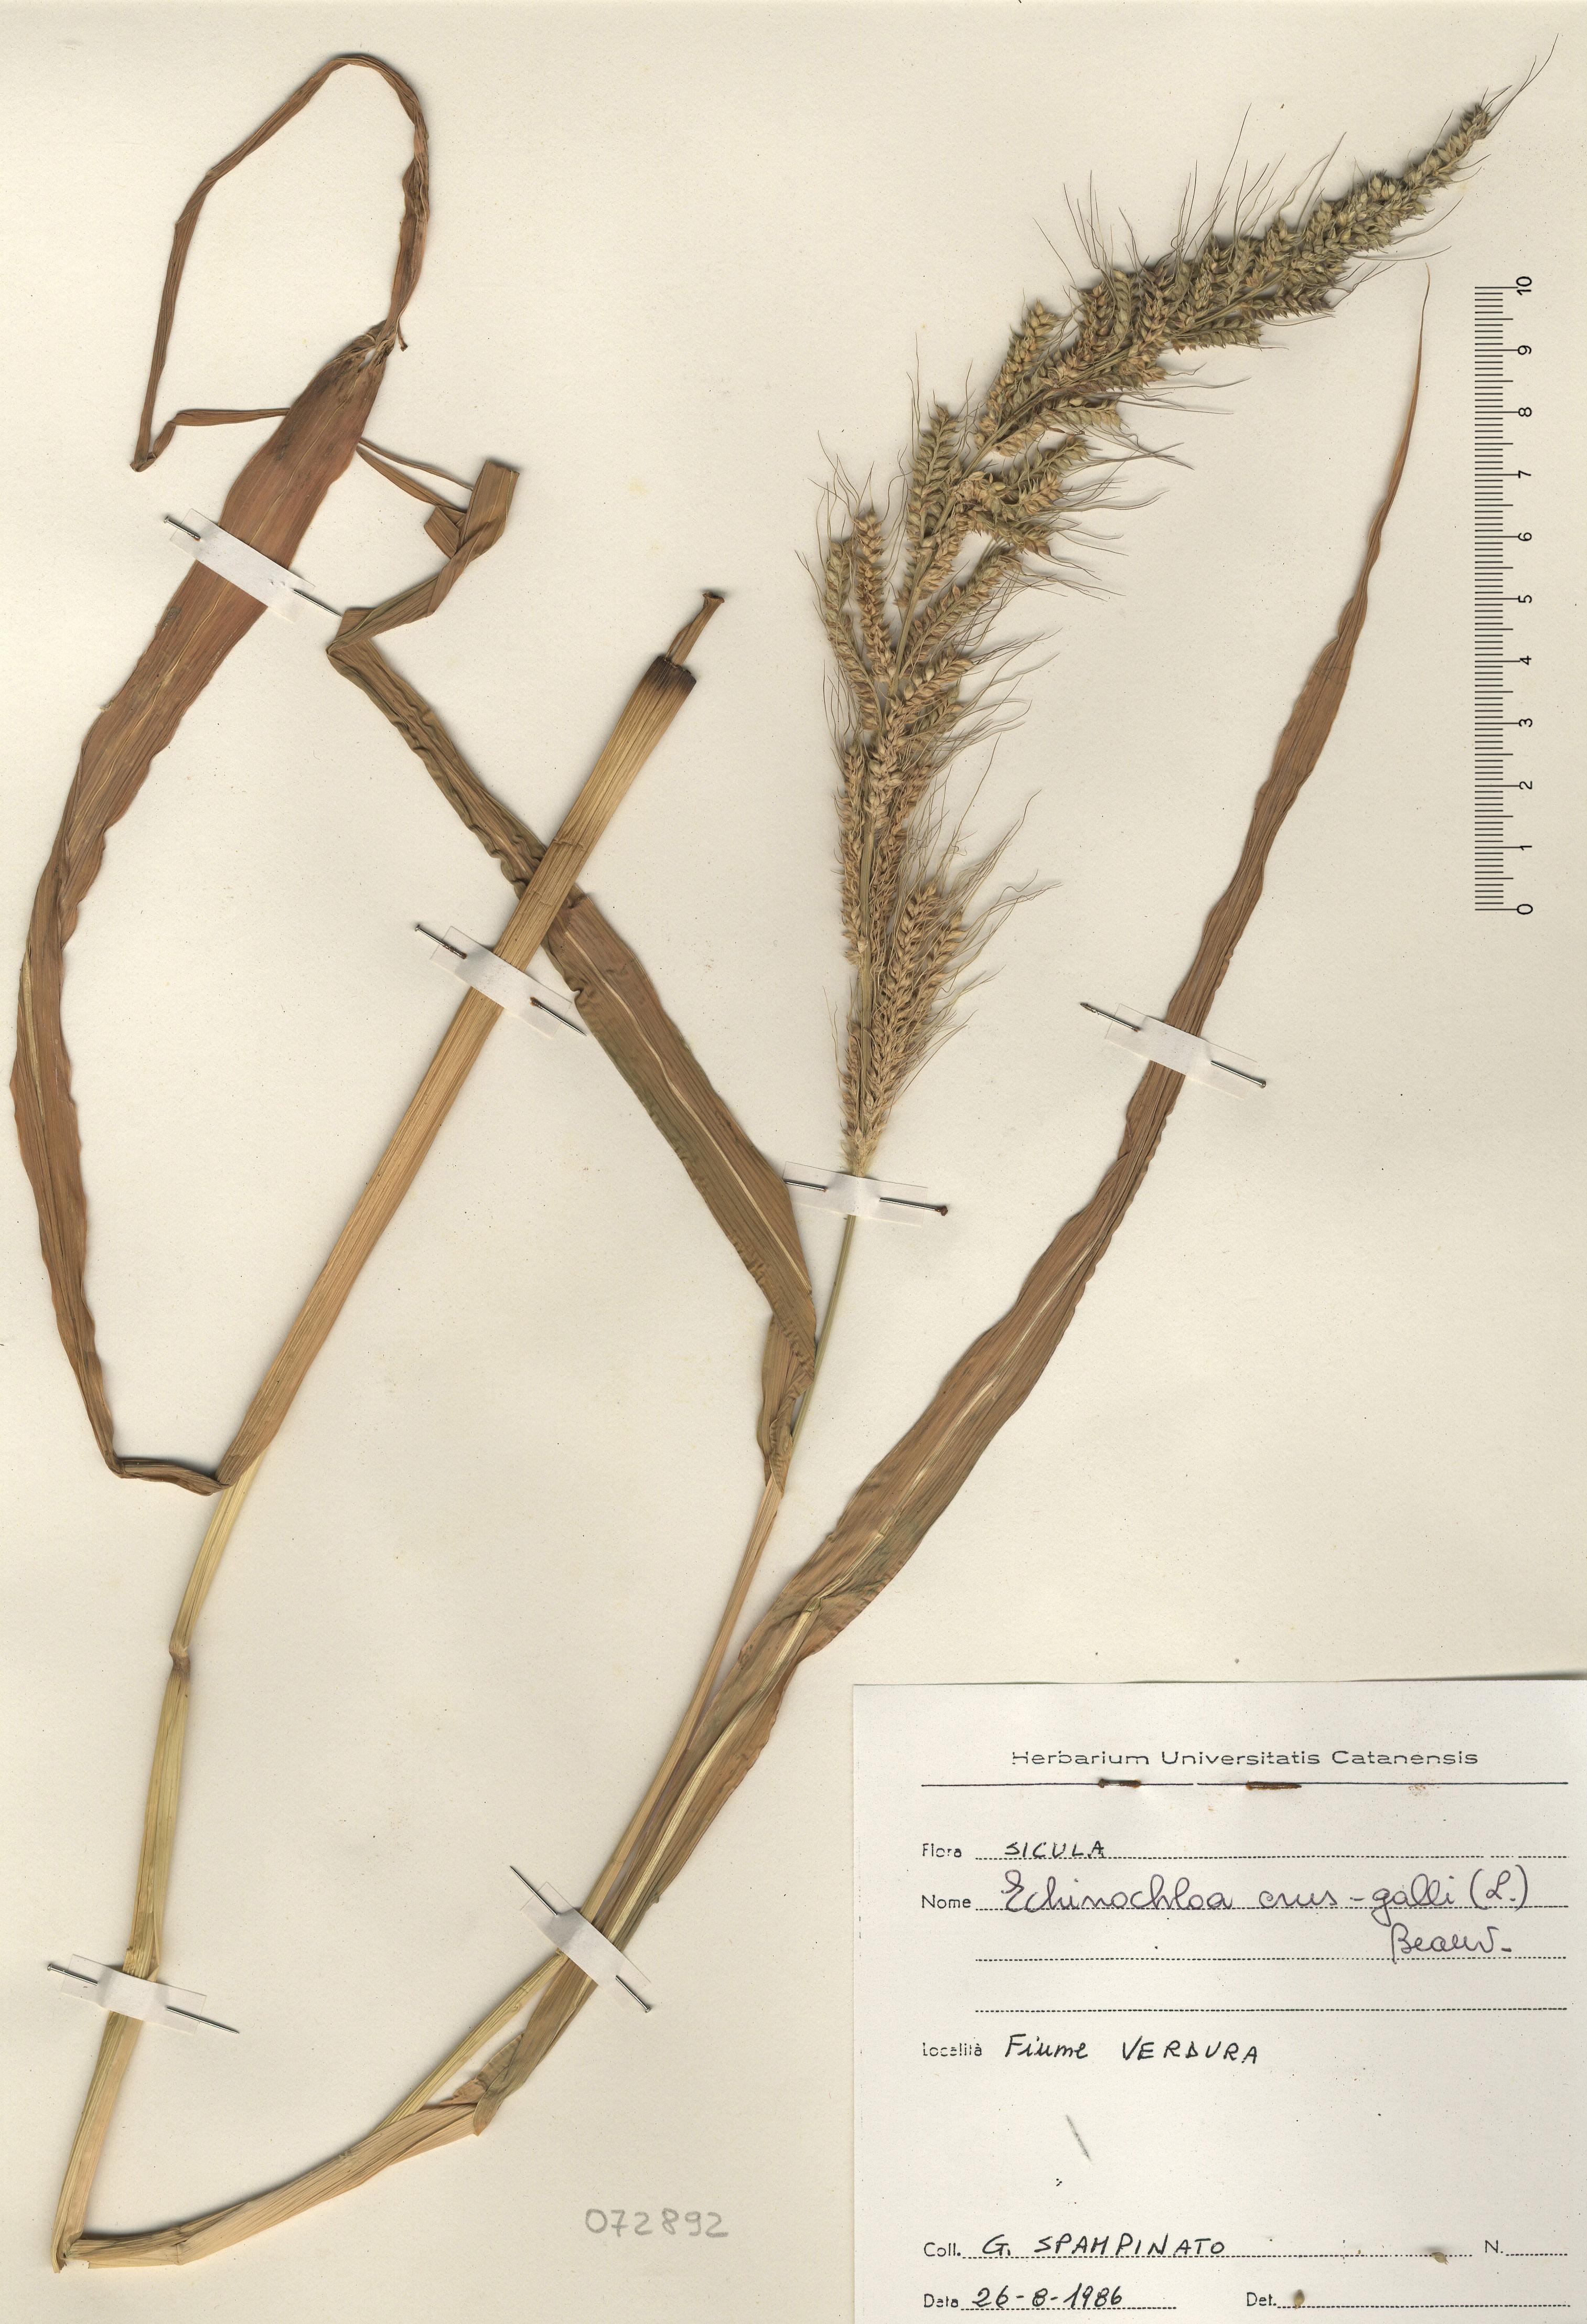 &copy; Hortus Botanicus Catinensis - Herb. sheet  072892<br>